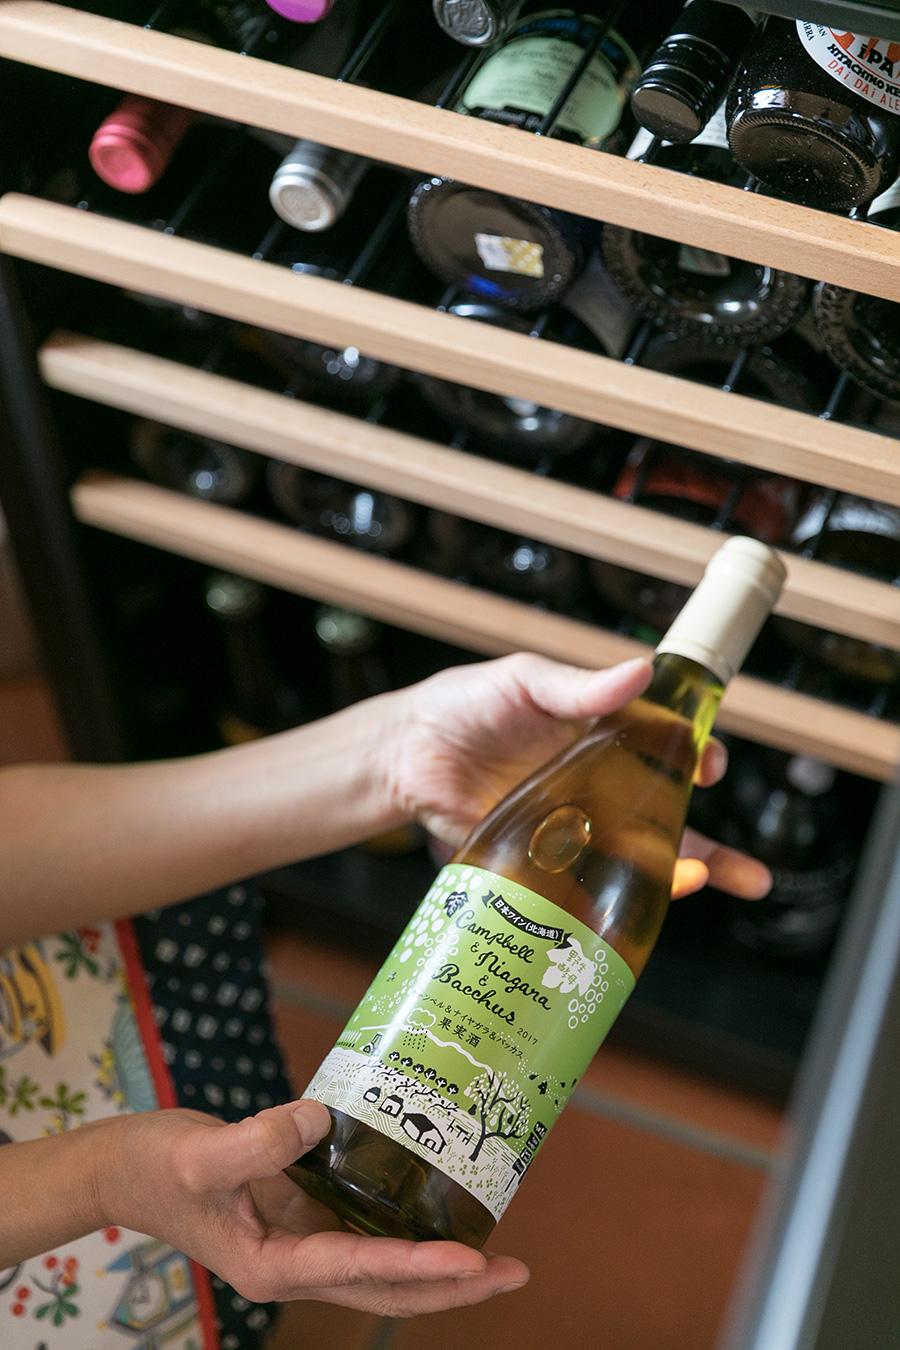 ワインセラーには常にお気に入りのワインをストック。教室では2,000円前後のワインを紹介することが多いという。手にしているのは、富良野の多田農園ワイナリーの白。